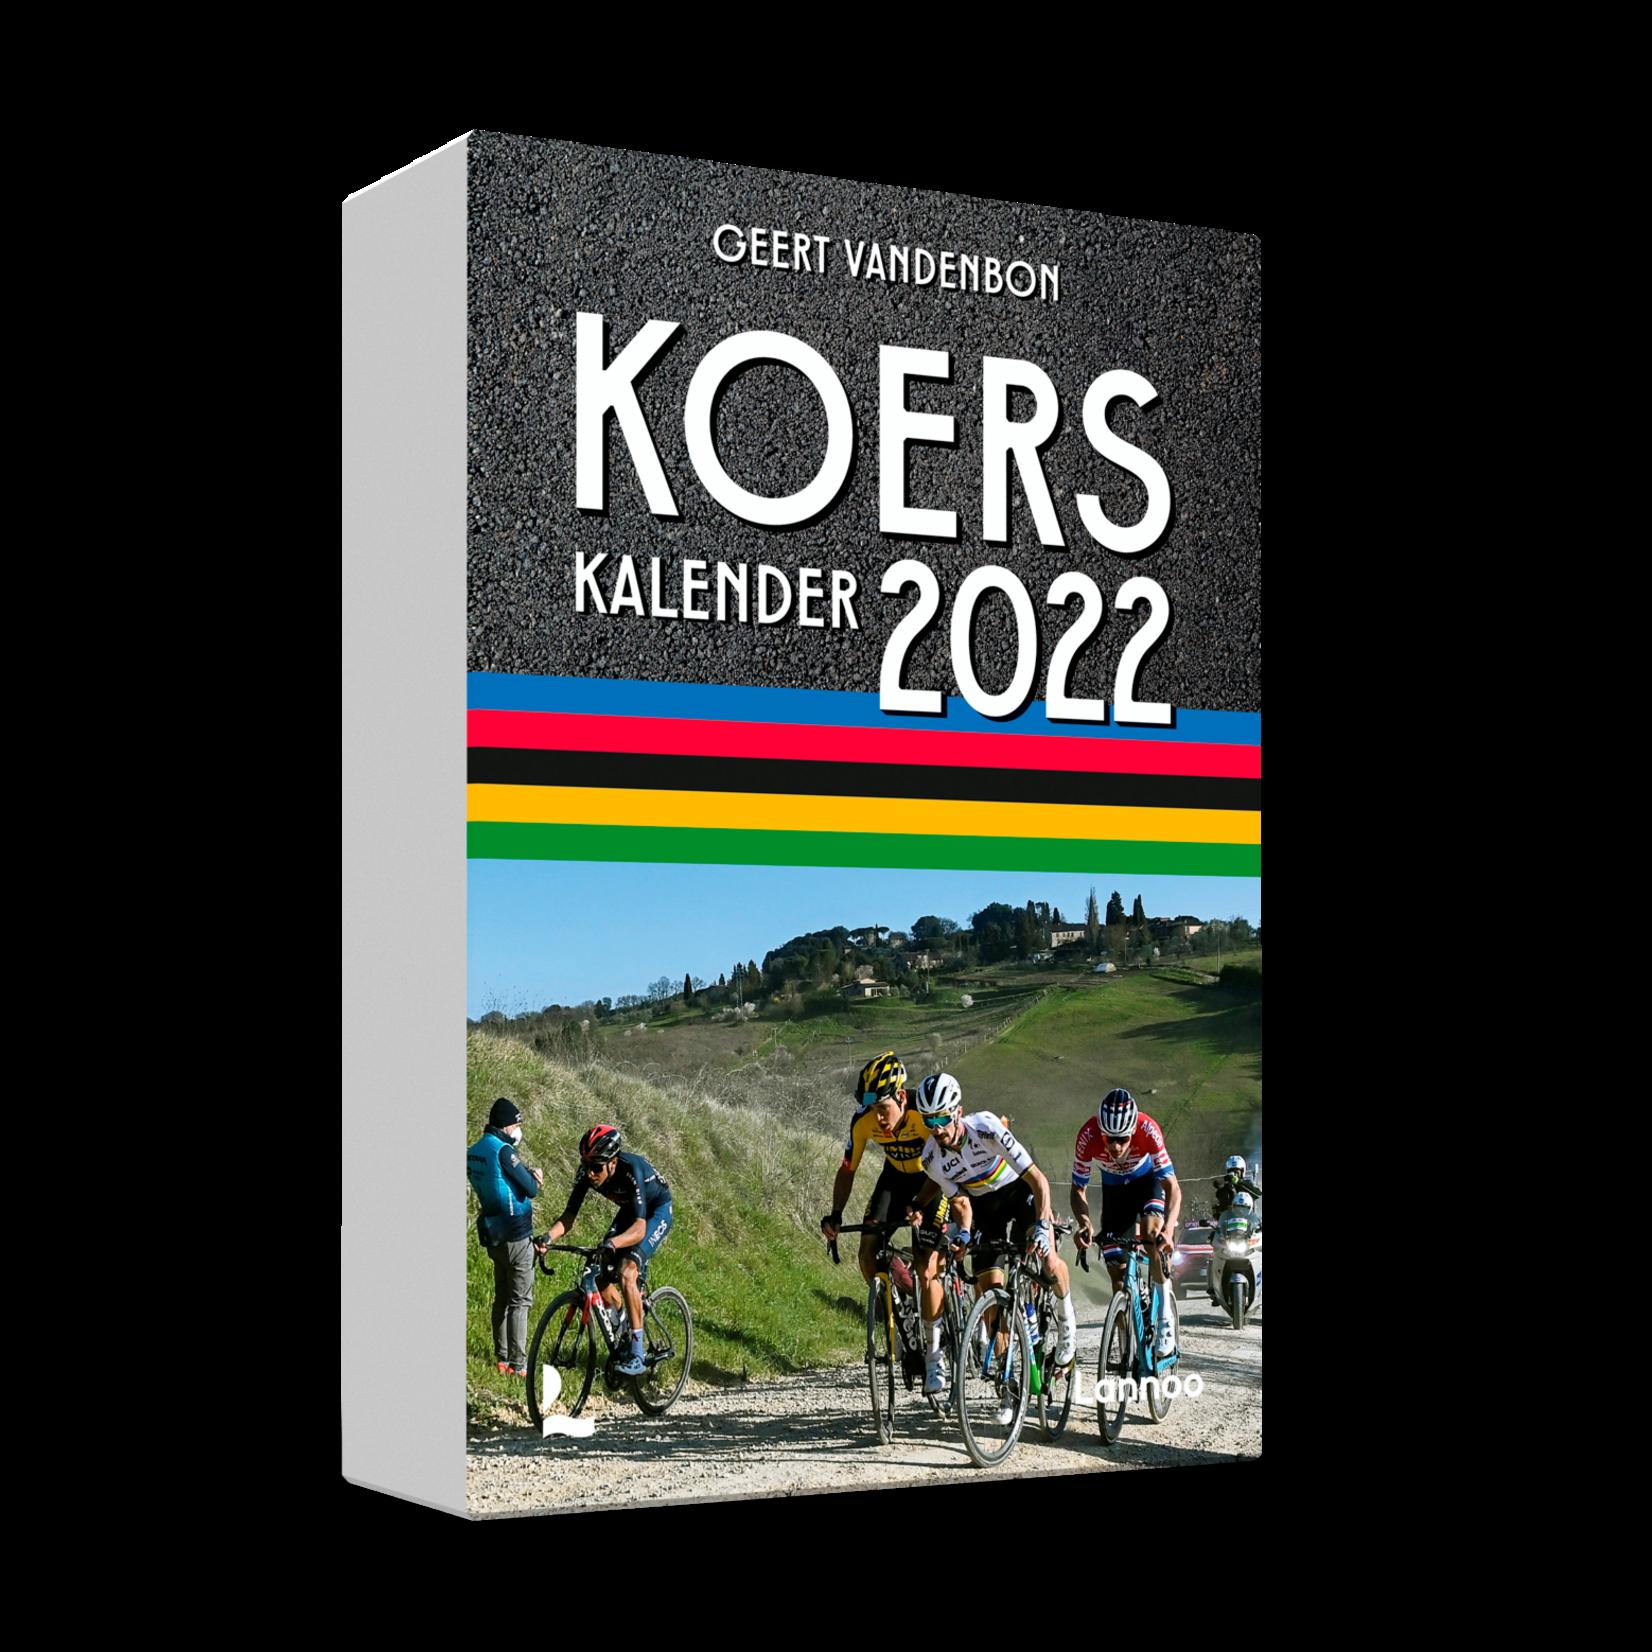 KoersKalender 2022 (Geert Vandenbon)